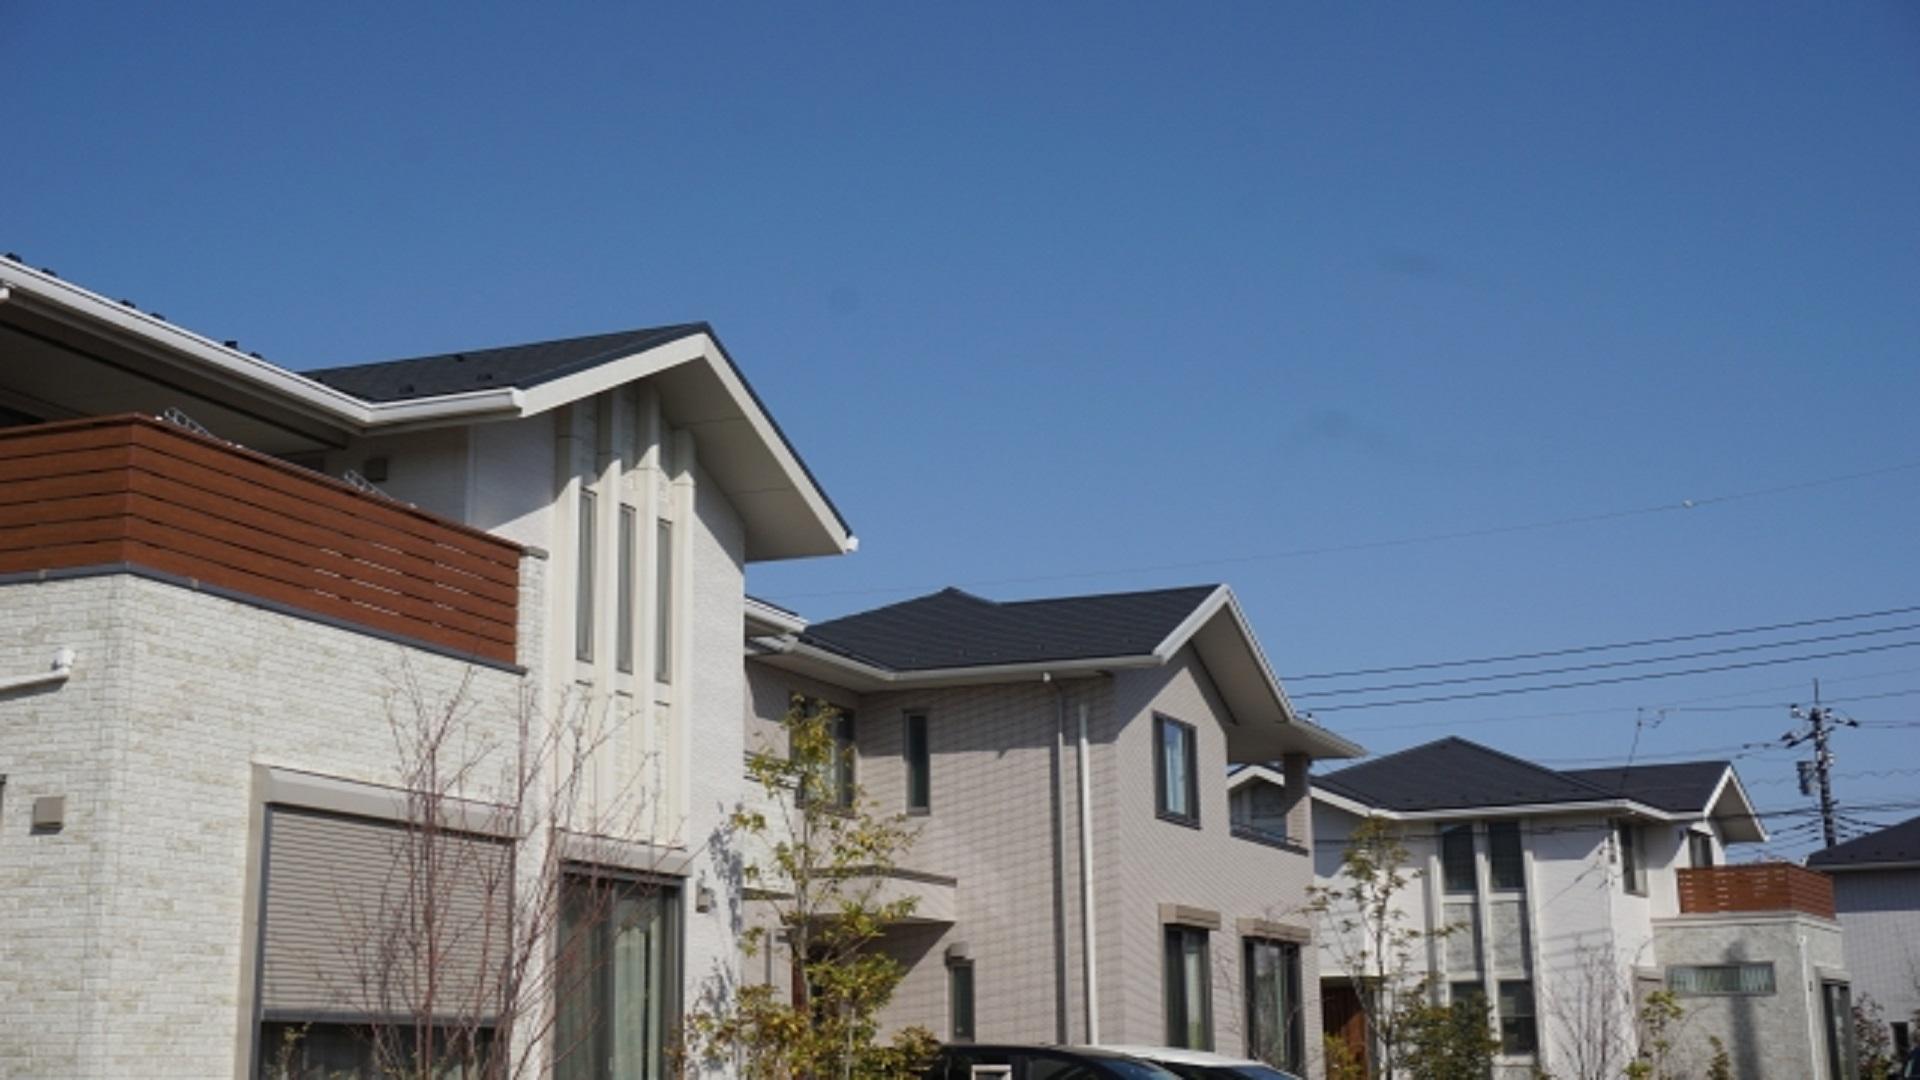 住宅ローンシミュレーションの活用方法解説!控除・繰り上げ返済は?